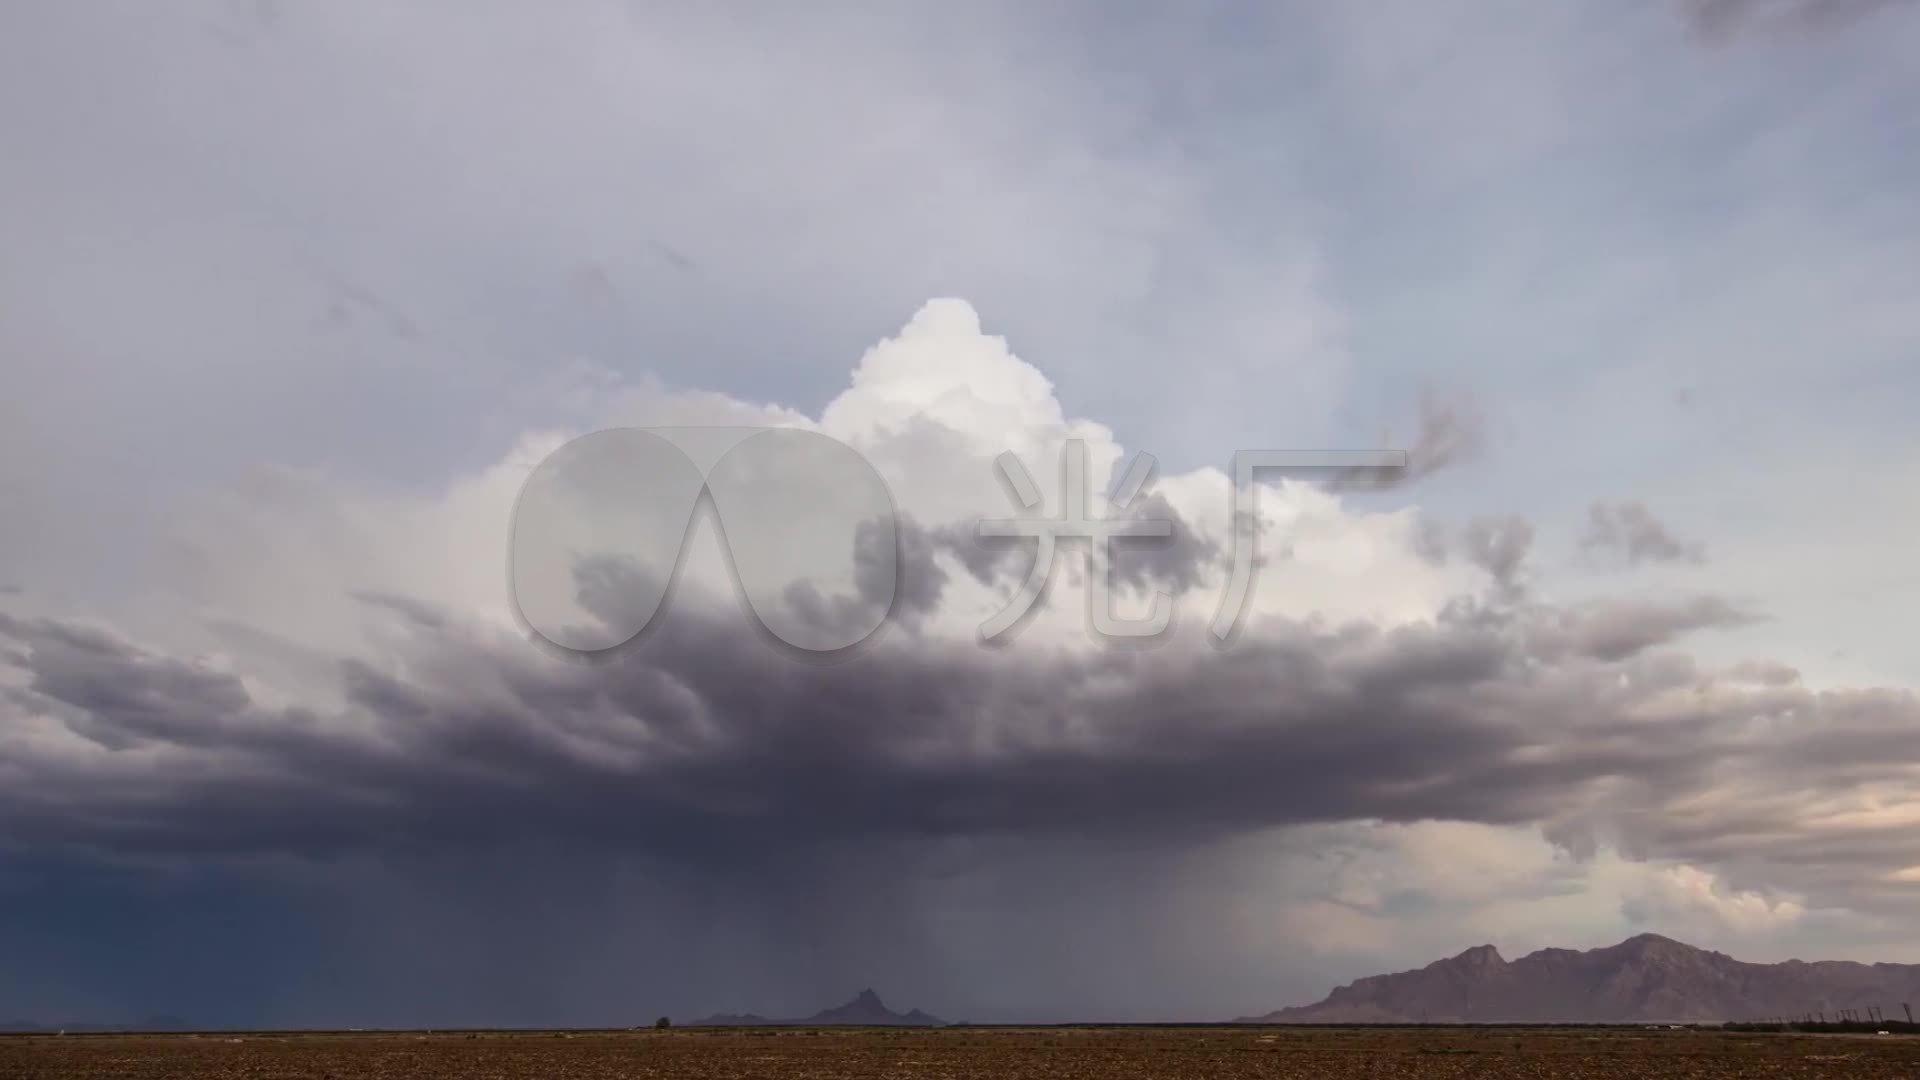 暴风雨震撼大自然气候变幻风雨来临云翻雨覆